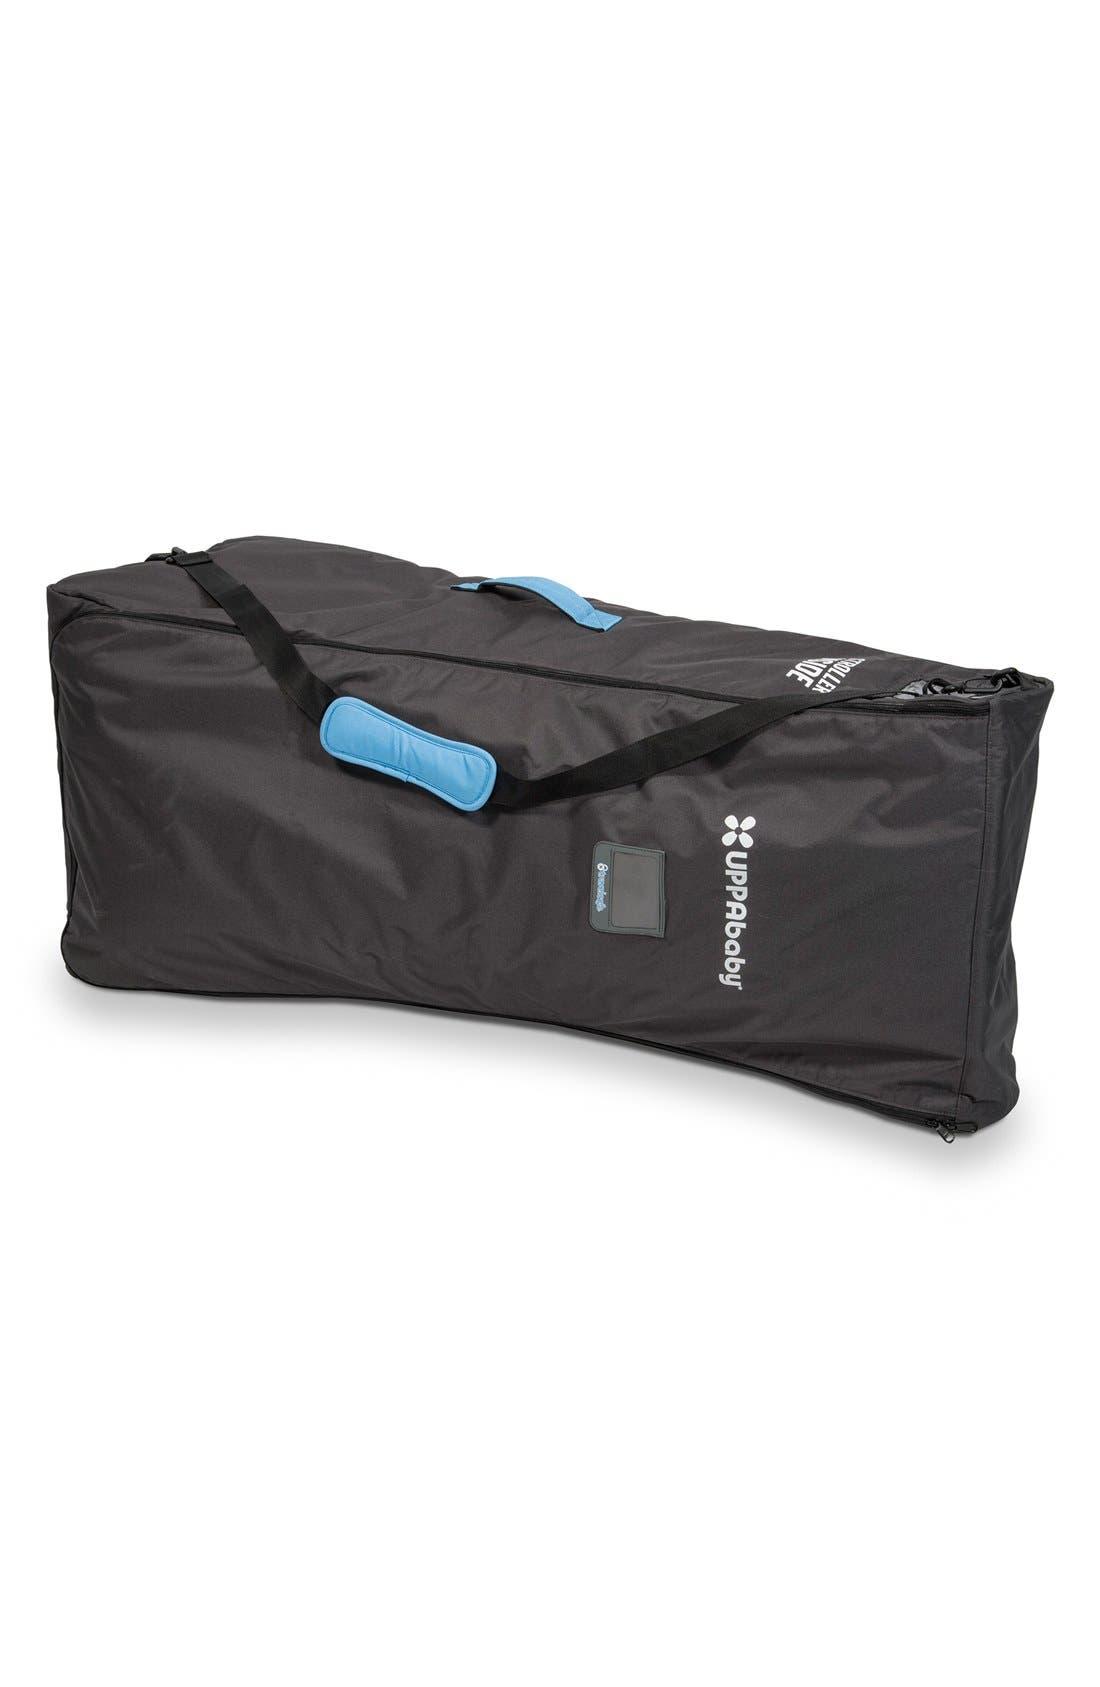 UPPABABY 'G-LINK™' Side by Side Stroller Travel Bag